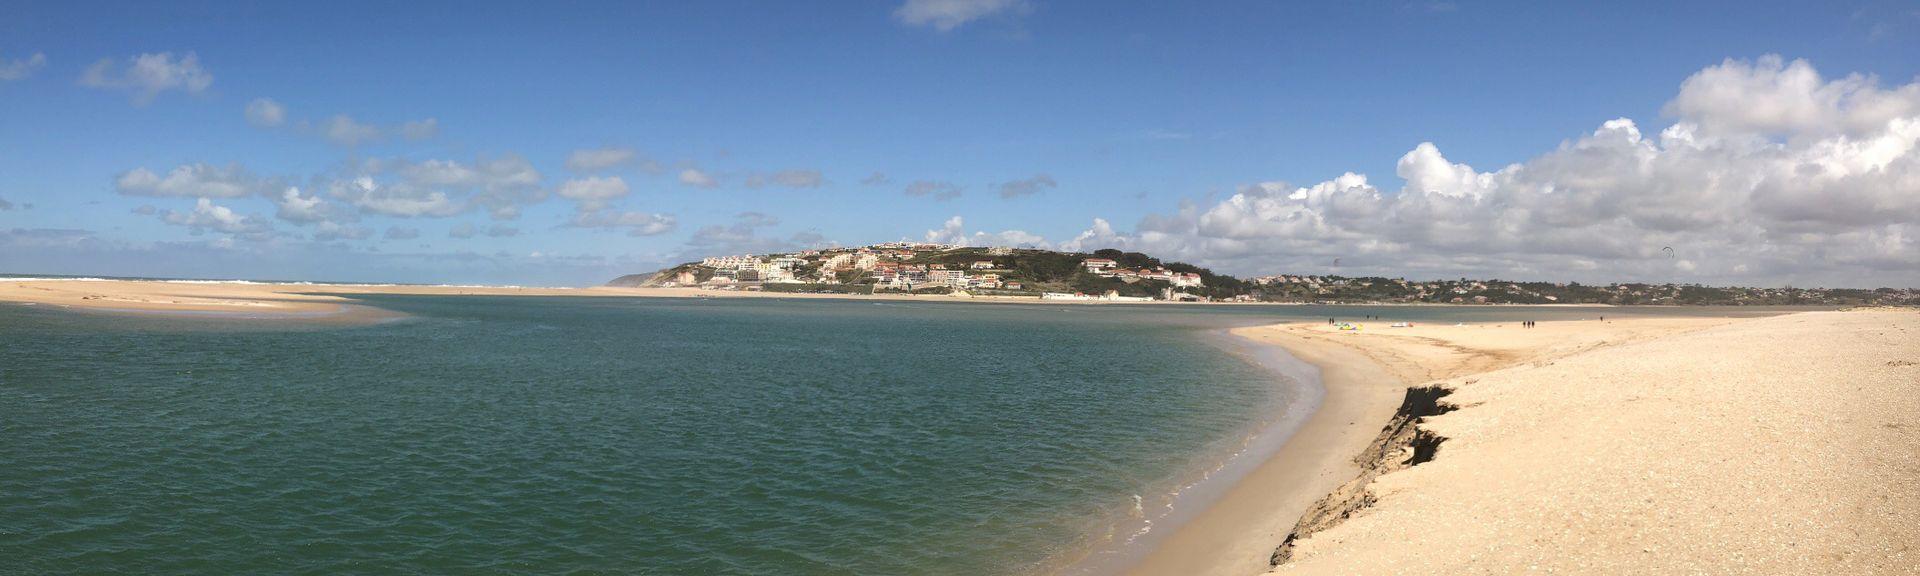 Cadaval, Portugal